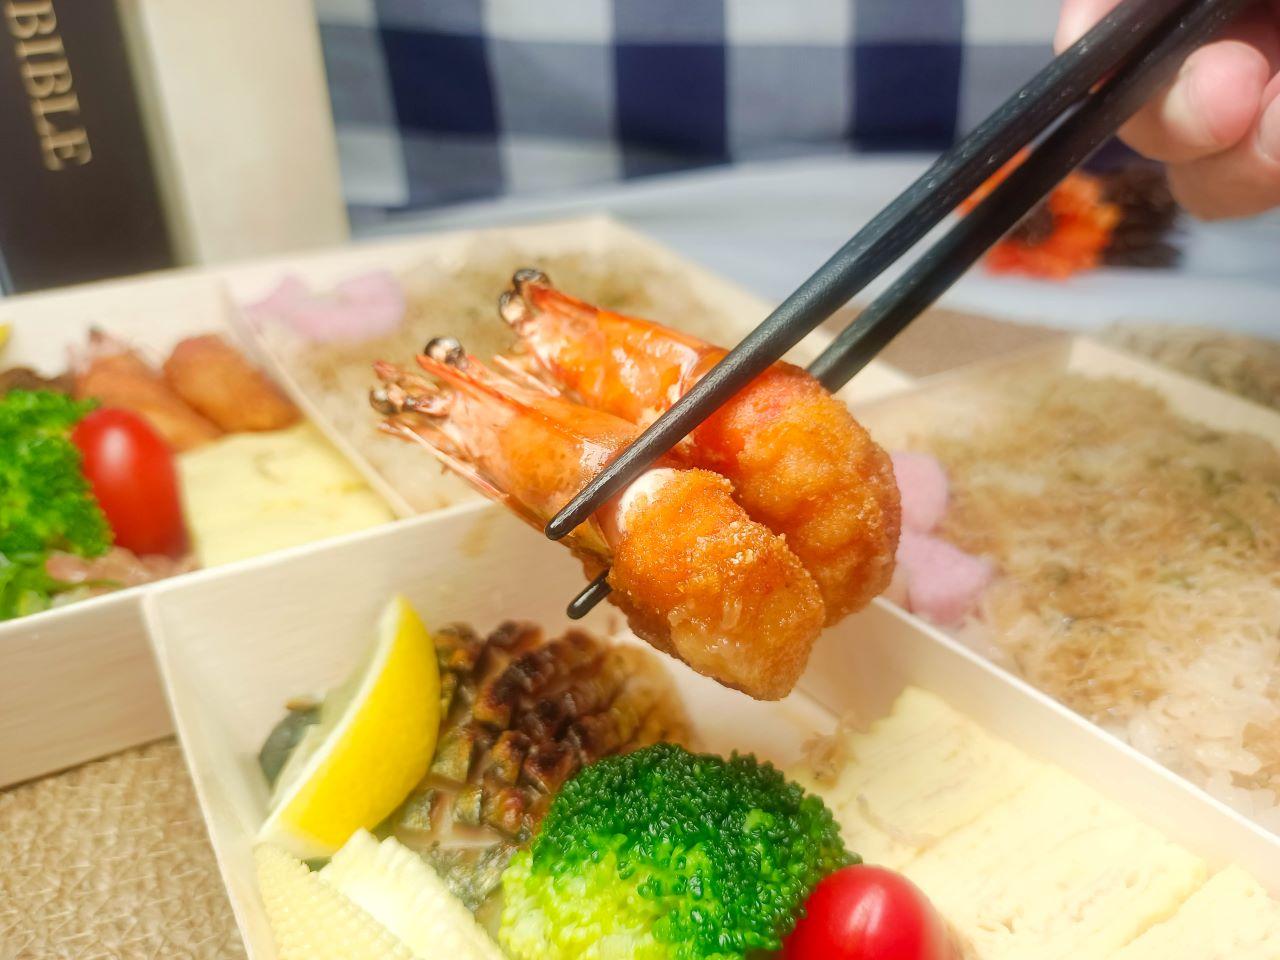 (忠孝敦化站)台北東區/仁愛圓環-好米亞 goodies cuisine taipe法義餐酒館/台北約會餐廳推薦 @Nancy將的生活筆計本